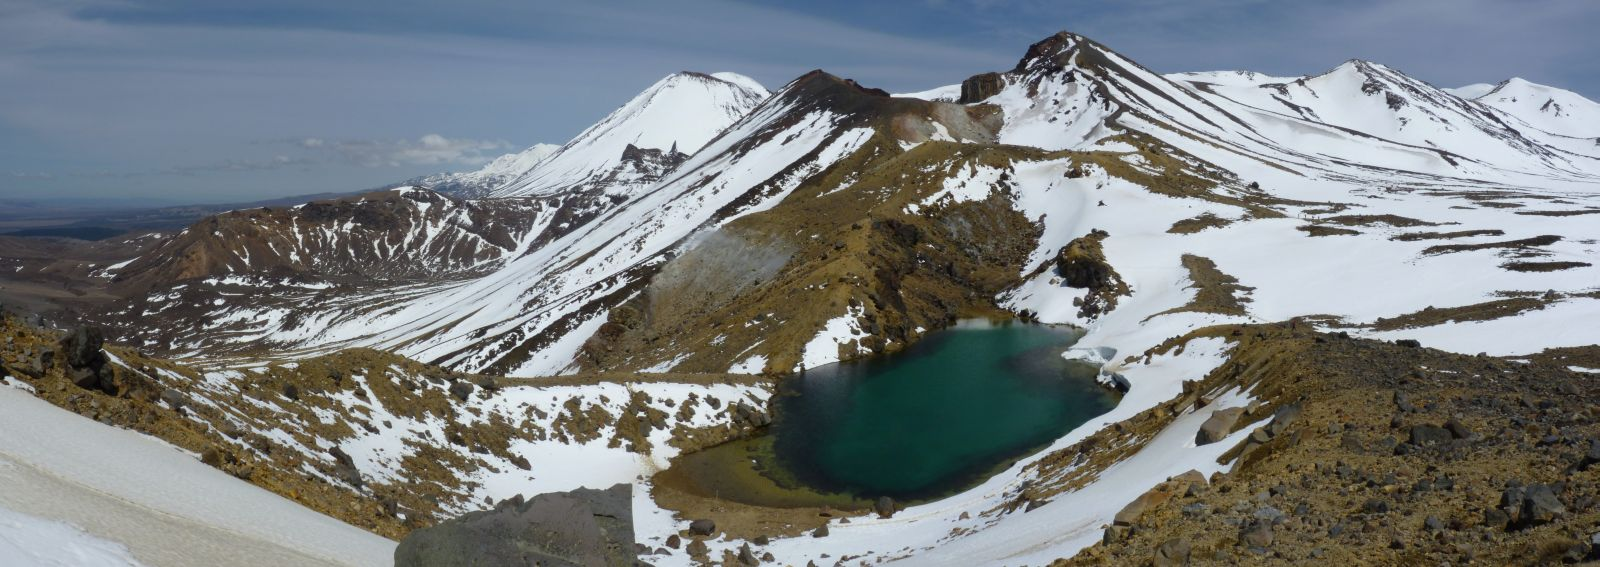 tongariro-alpine-crossing-11